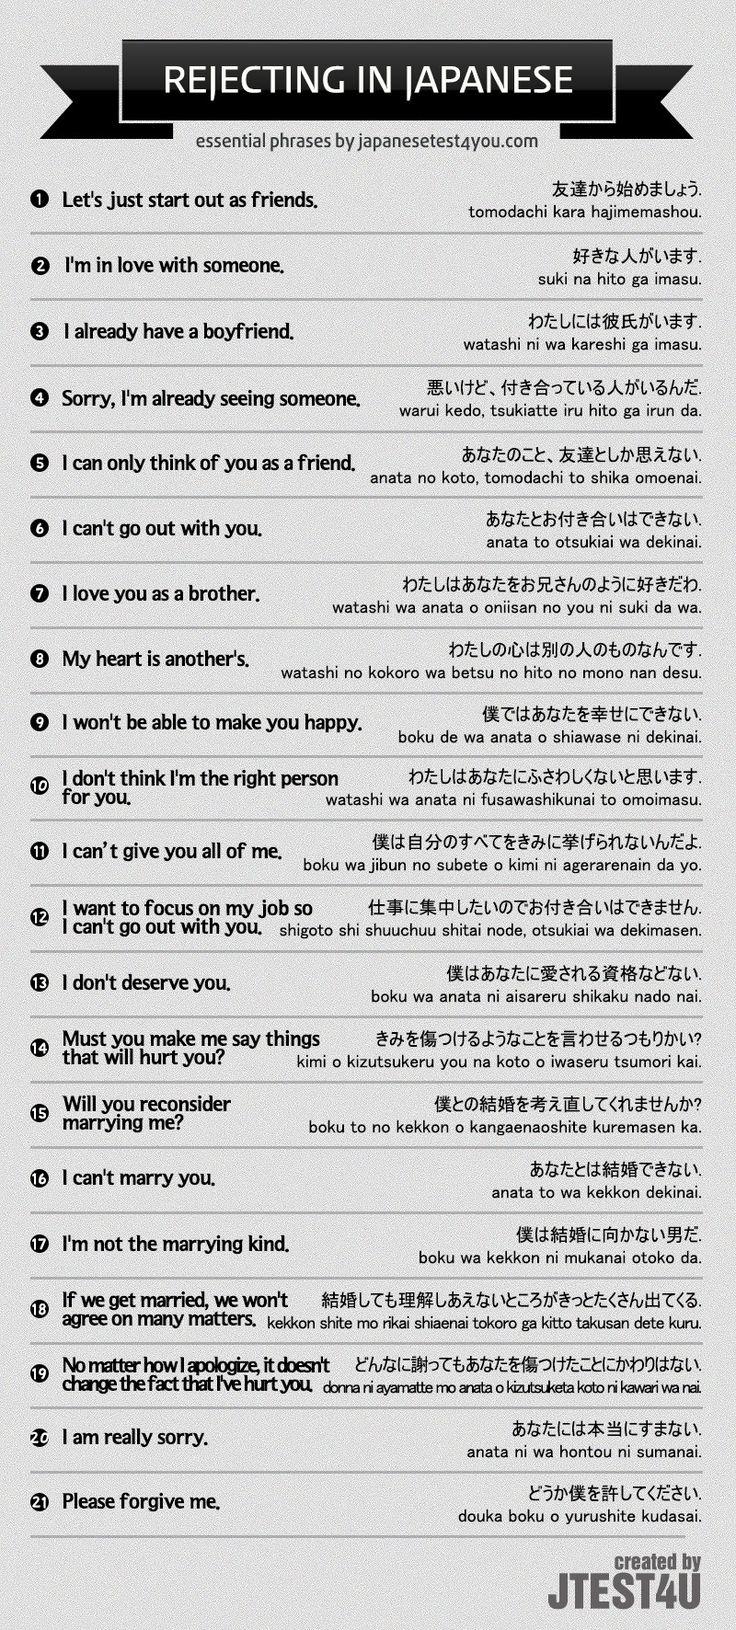 23 Best Japanese Language Images On Pinterest Japanese Language